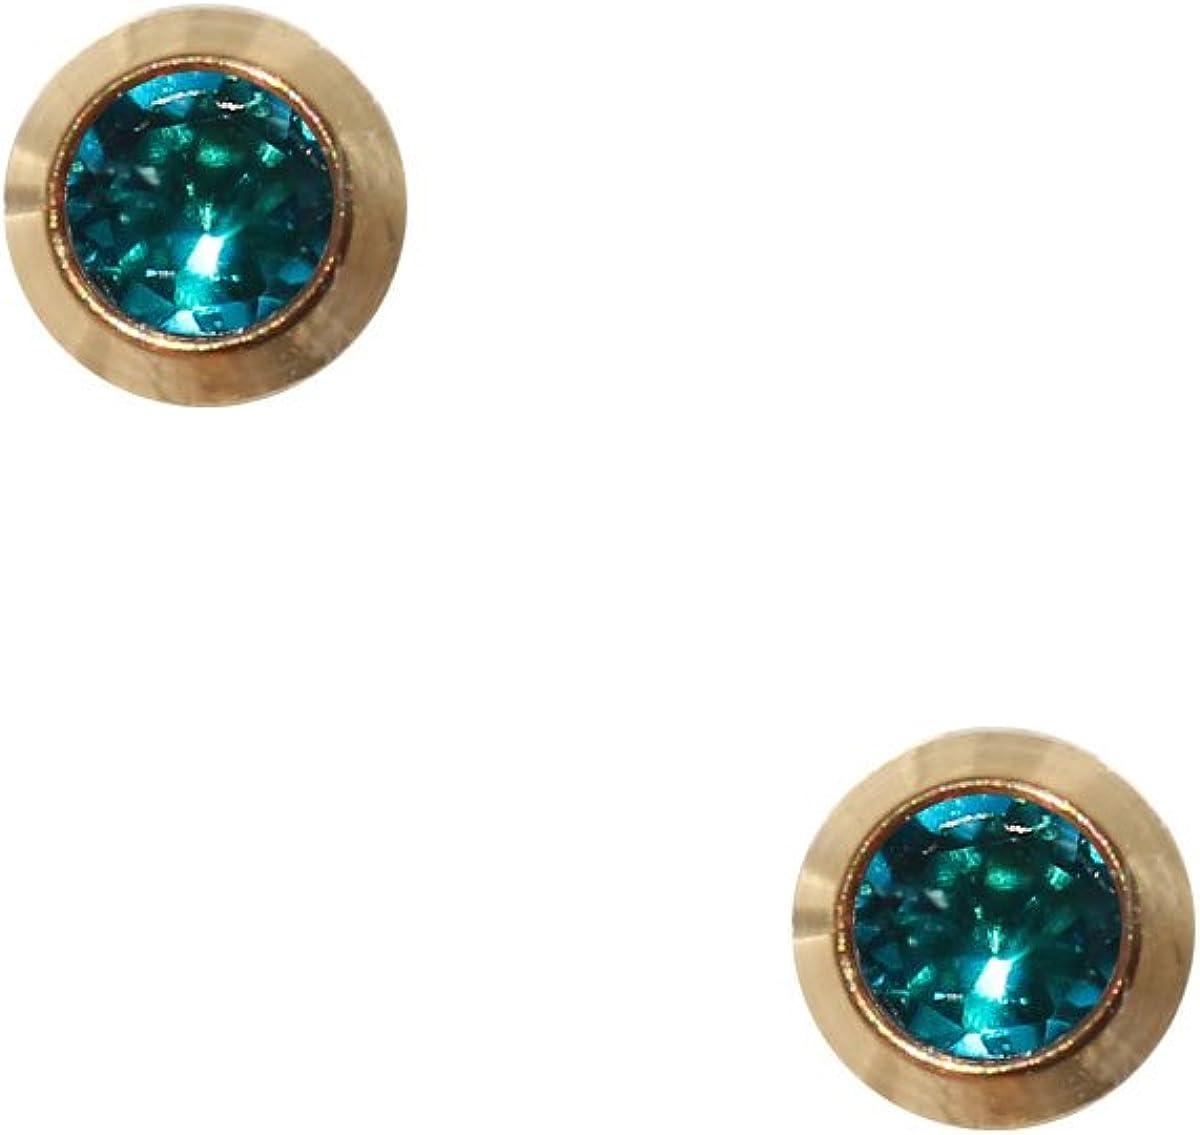 Erst Pendientes Dorados de acero quirúrgico estériles Pendientes Aro con piedra en color turquesa